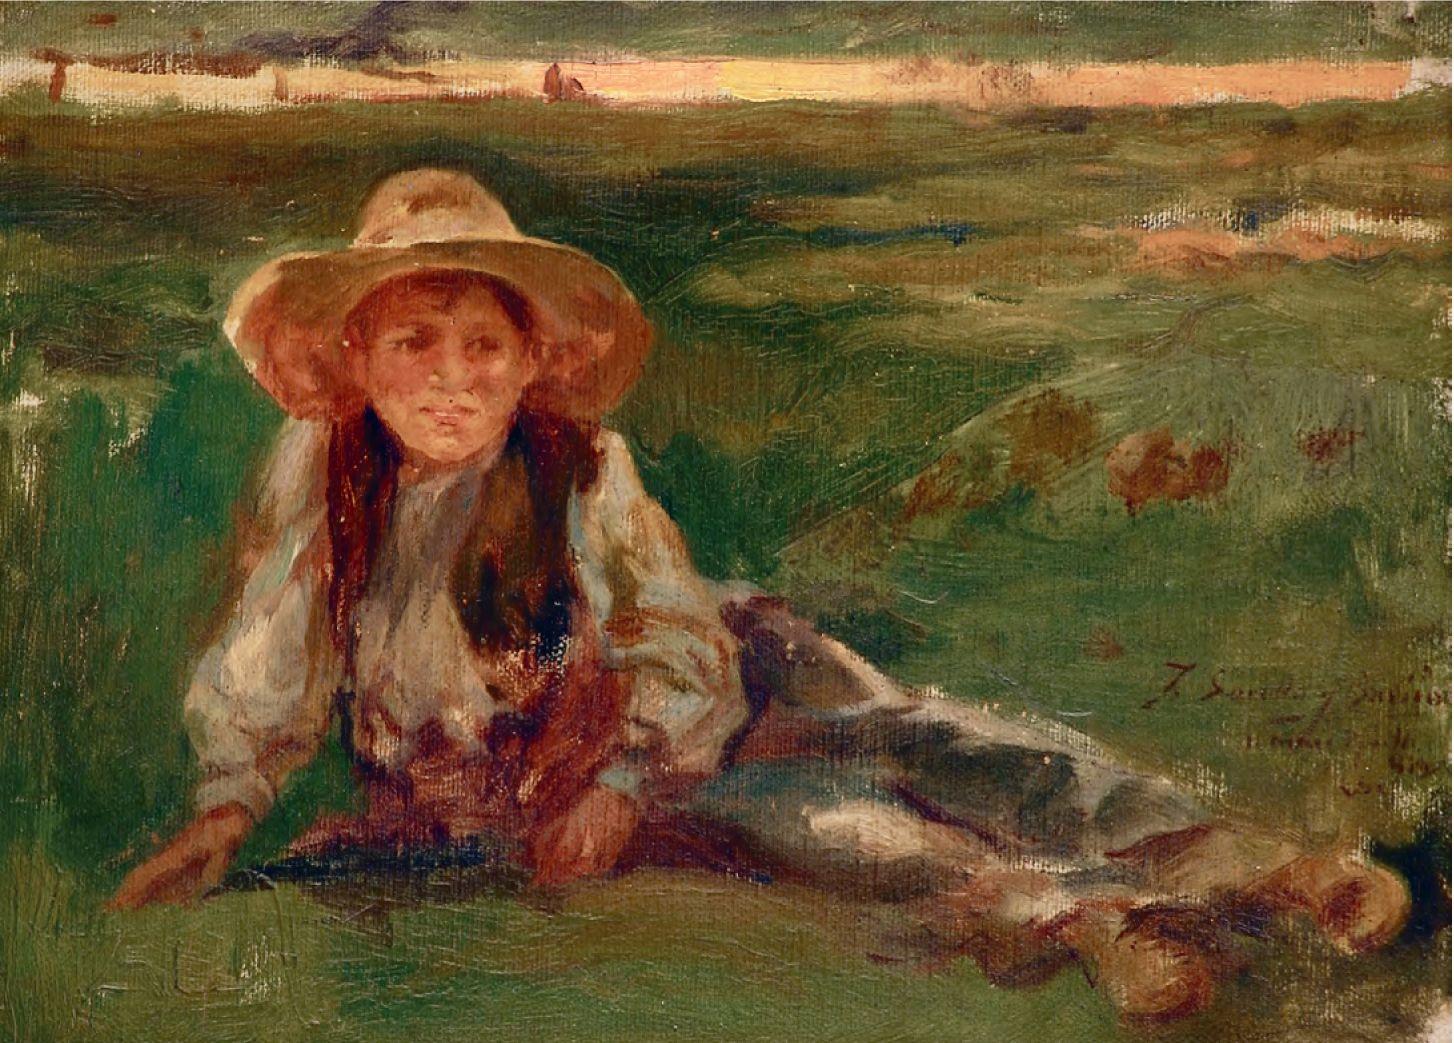 En exposición. Óleo sobre tela de Joaquín Sorolla y Bastida (1863-1923)